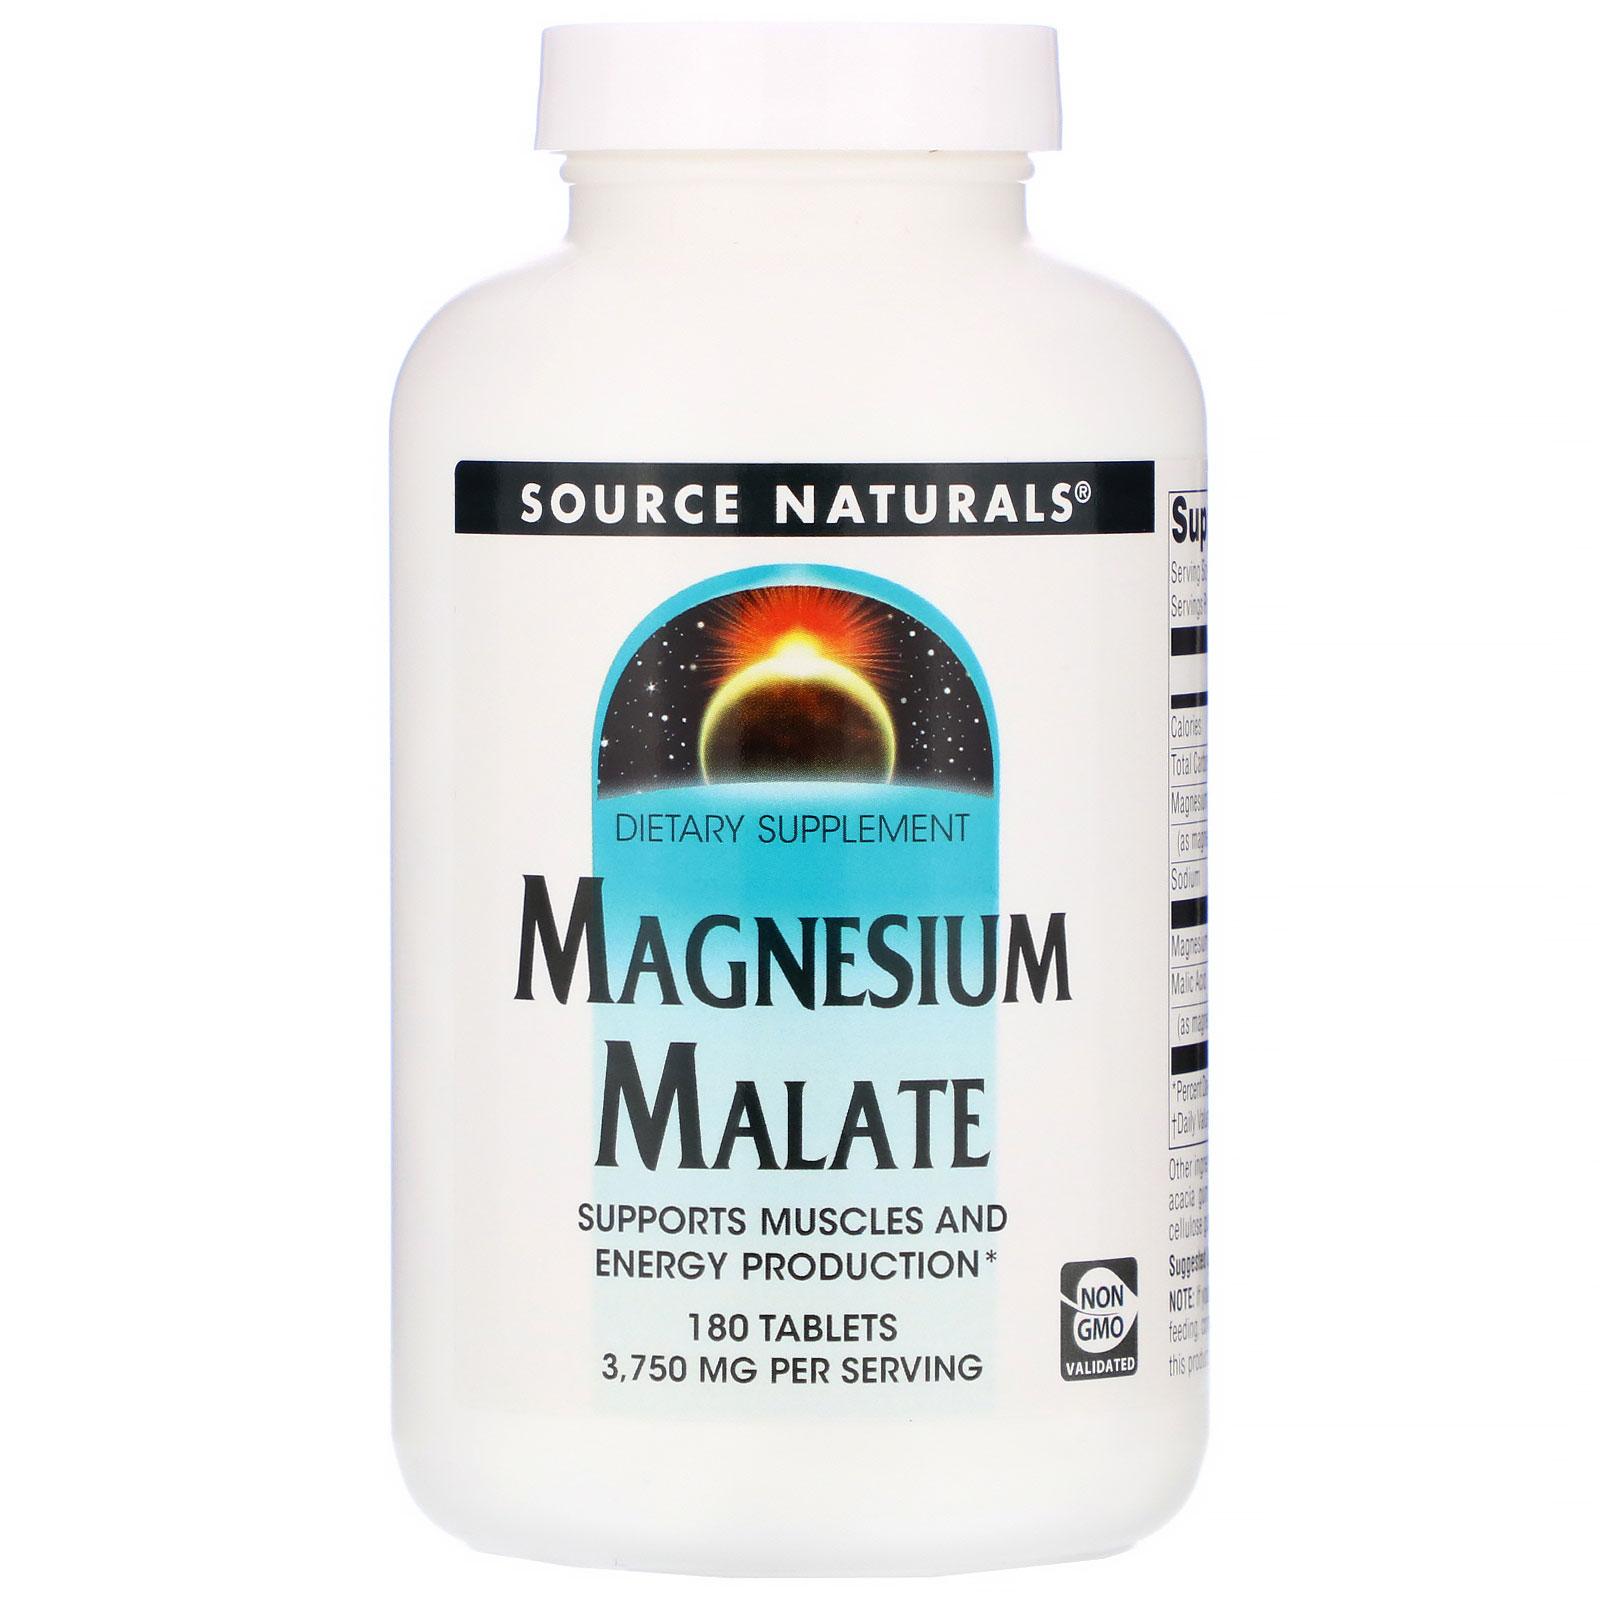 glicinato de magnésio é bom para cãibras nas pernas